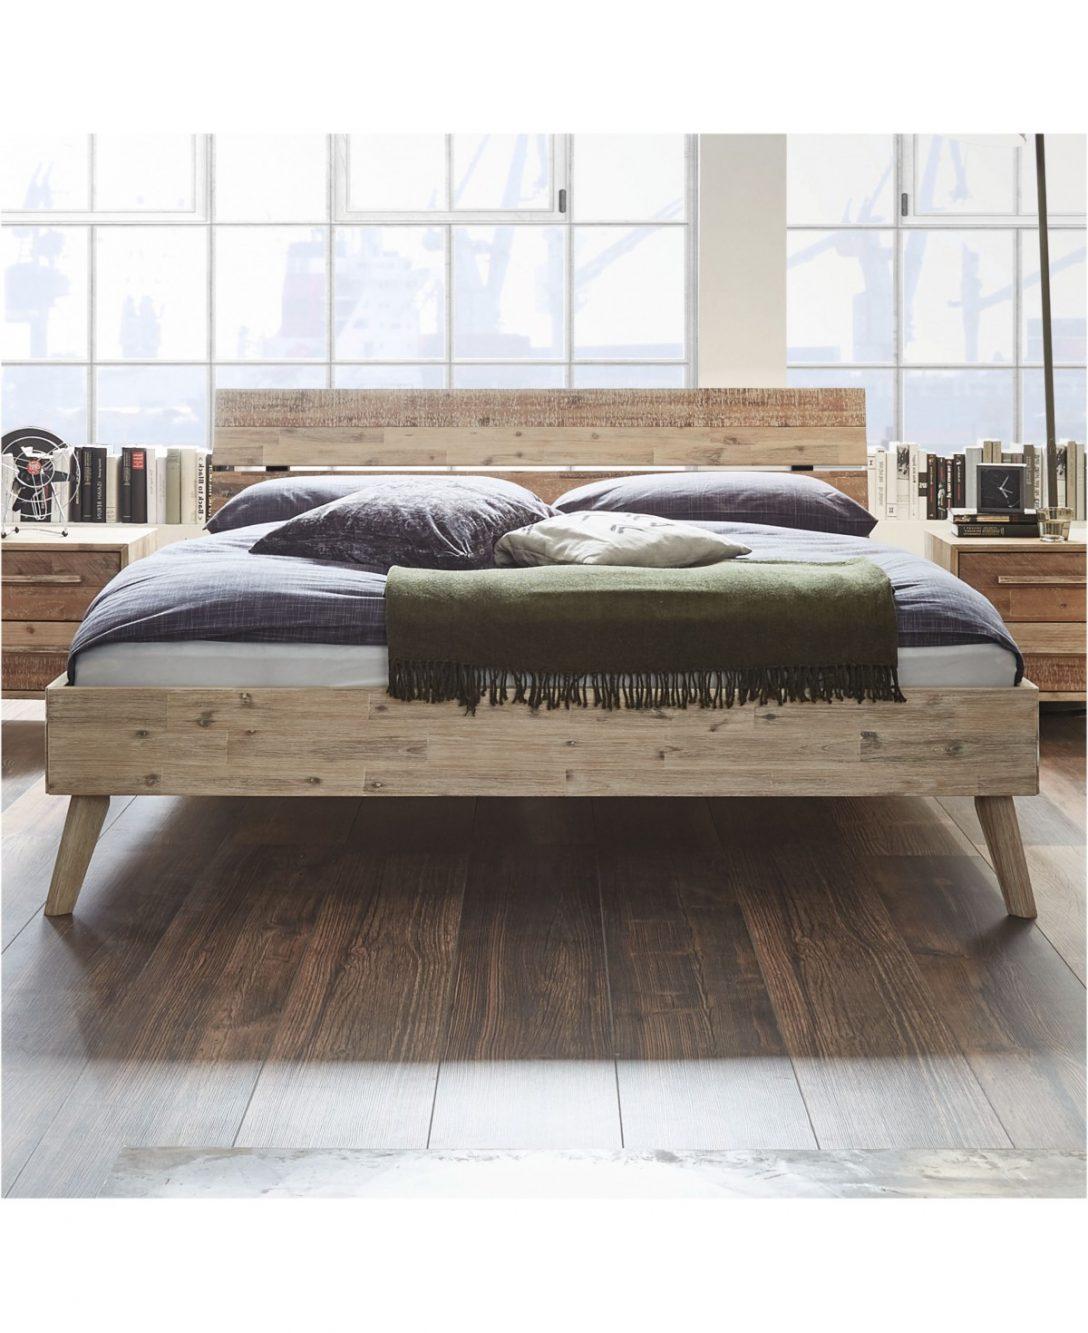 Large Size of Amerikanische Betten Bette Duschwanne Regal Weiß Holz Bett Mit Lattenrost Kopfteil 140 Tagesdecken Für Esstisch Ausziehbar Schreibtisch Bad Kommode Bett Bett Weiß 120x200